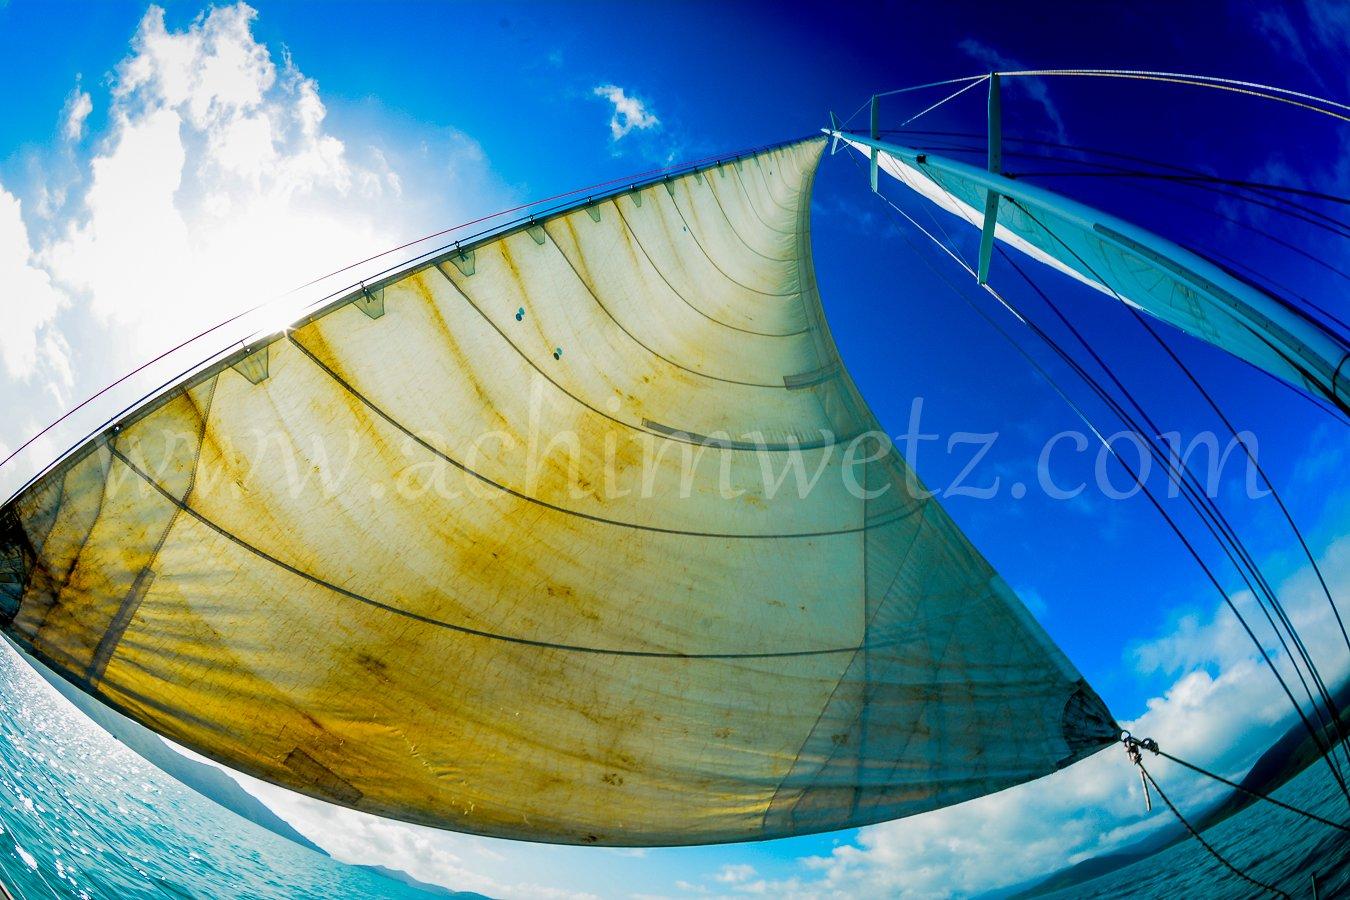 Sail 7254